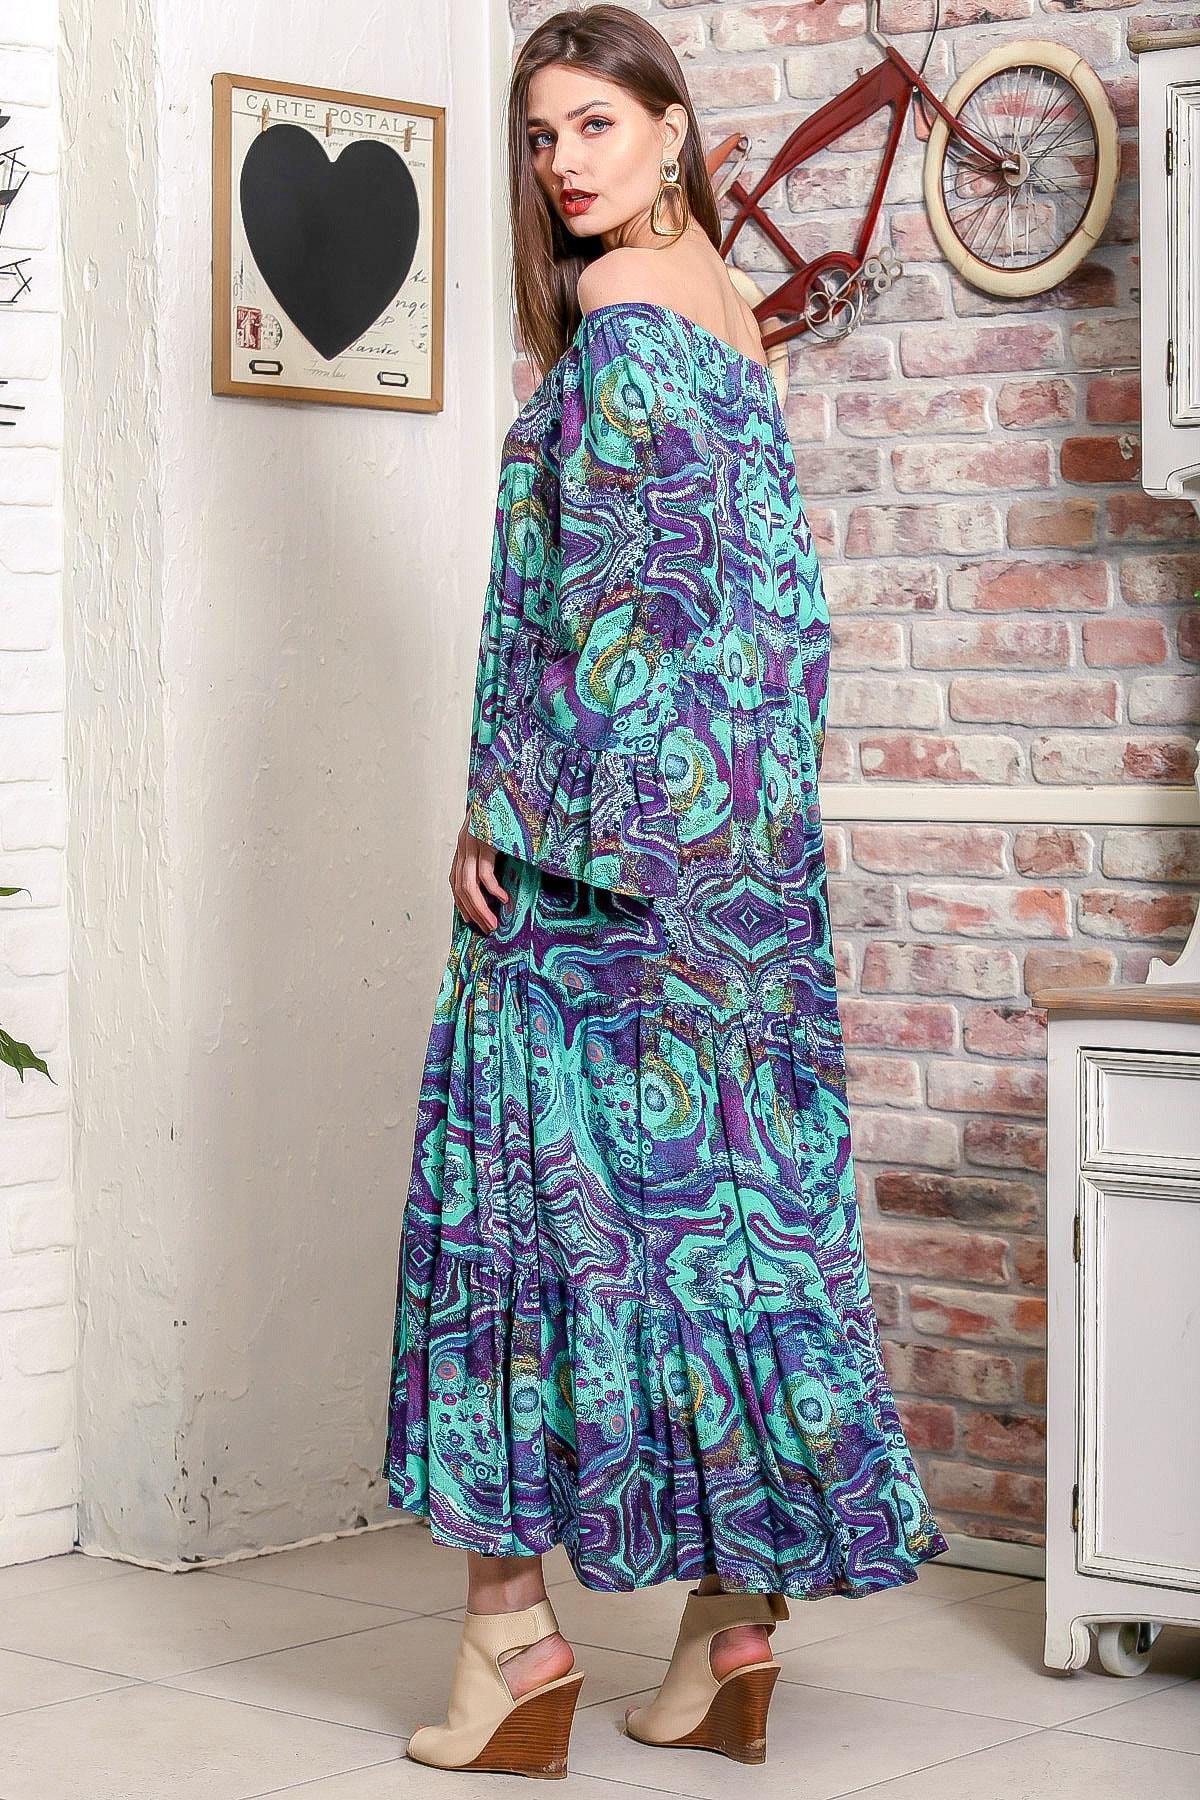 Chiccy Kadın Yeşil Carmen Yaka Sulu Boya Desenli Kol Ucu Volanlı Salaş Dokuma Elbise M10160000EL95906 4